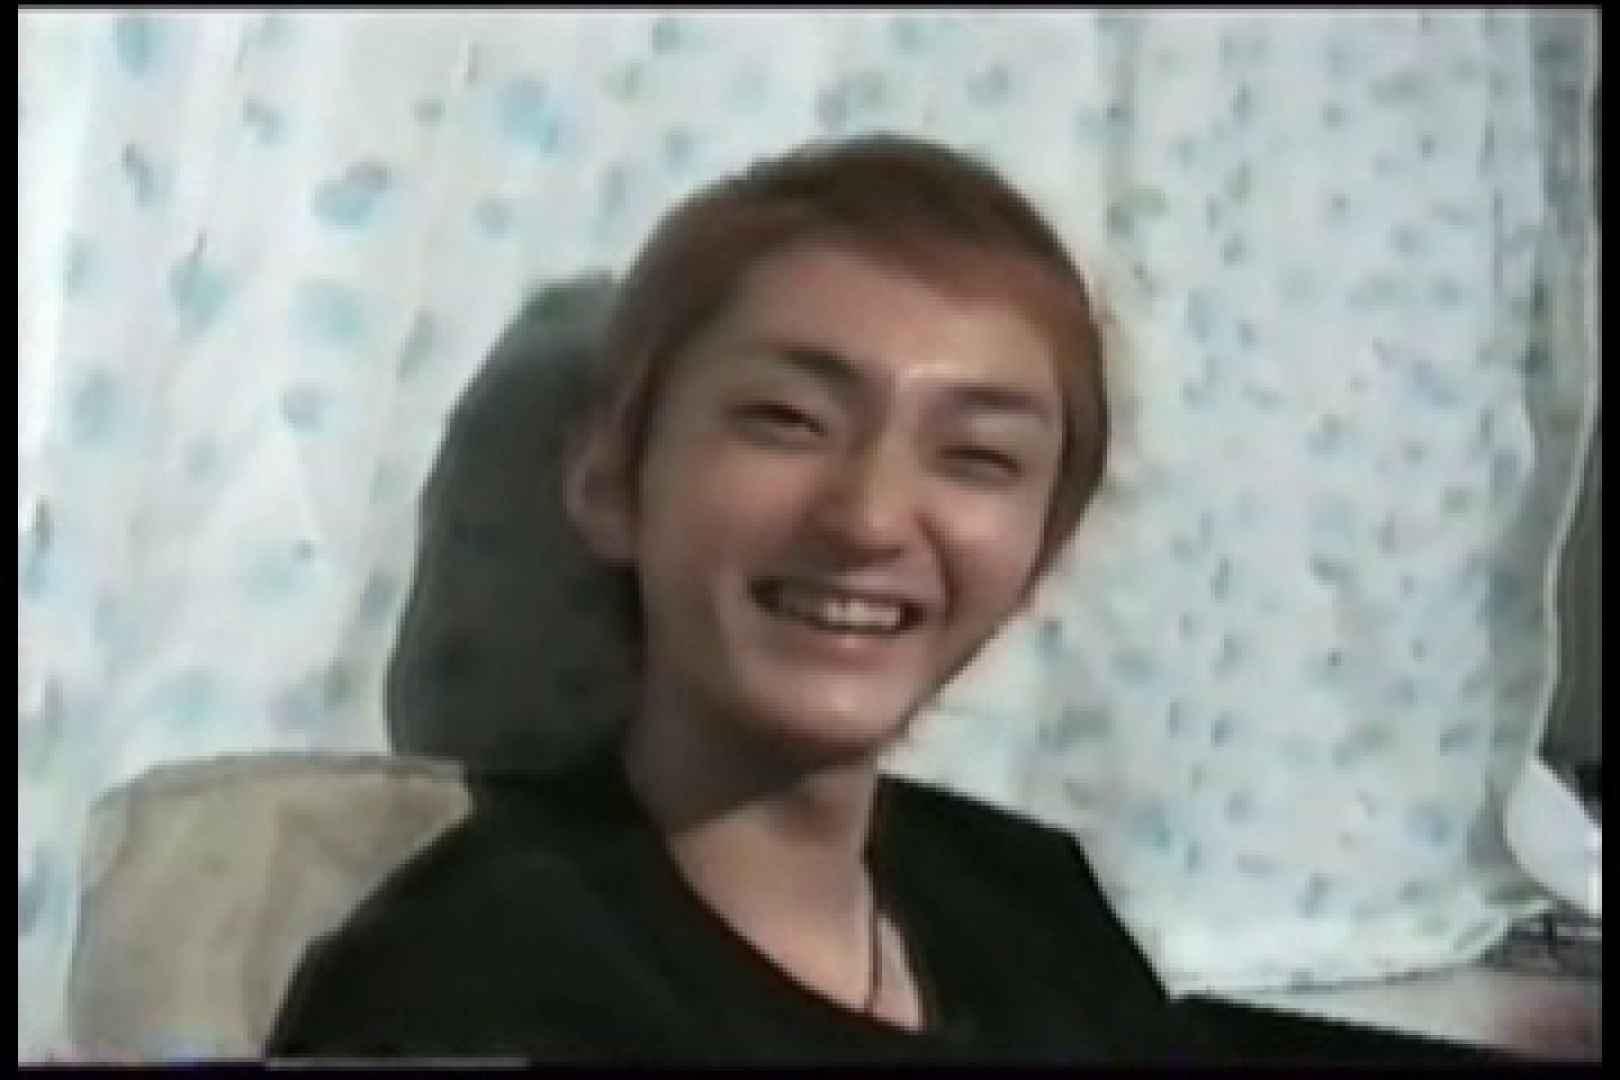 【流出】アイドルを目指したジャニ系イケメンの過去 射精 GAY無修正エロ動画 107枚 72